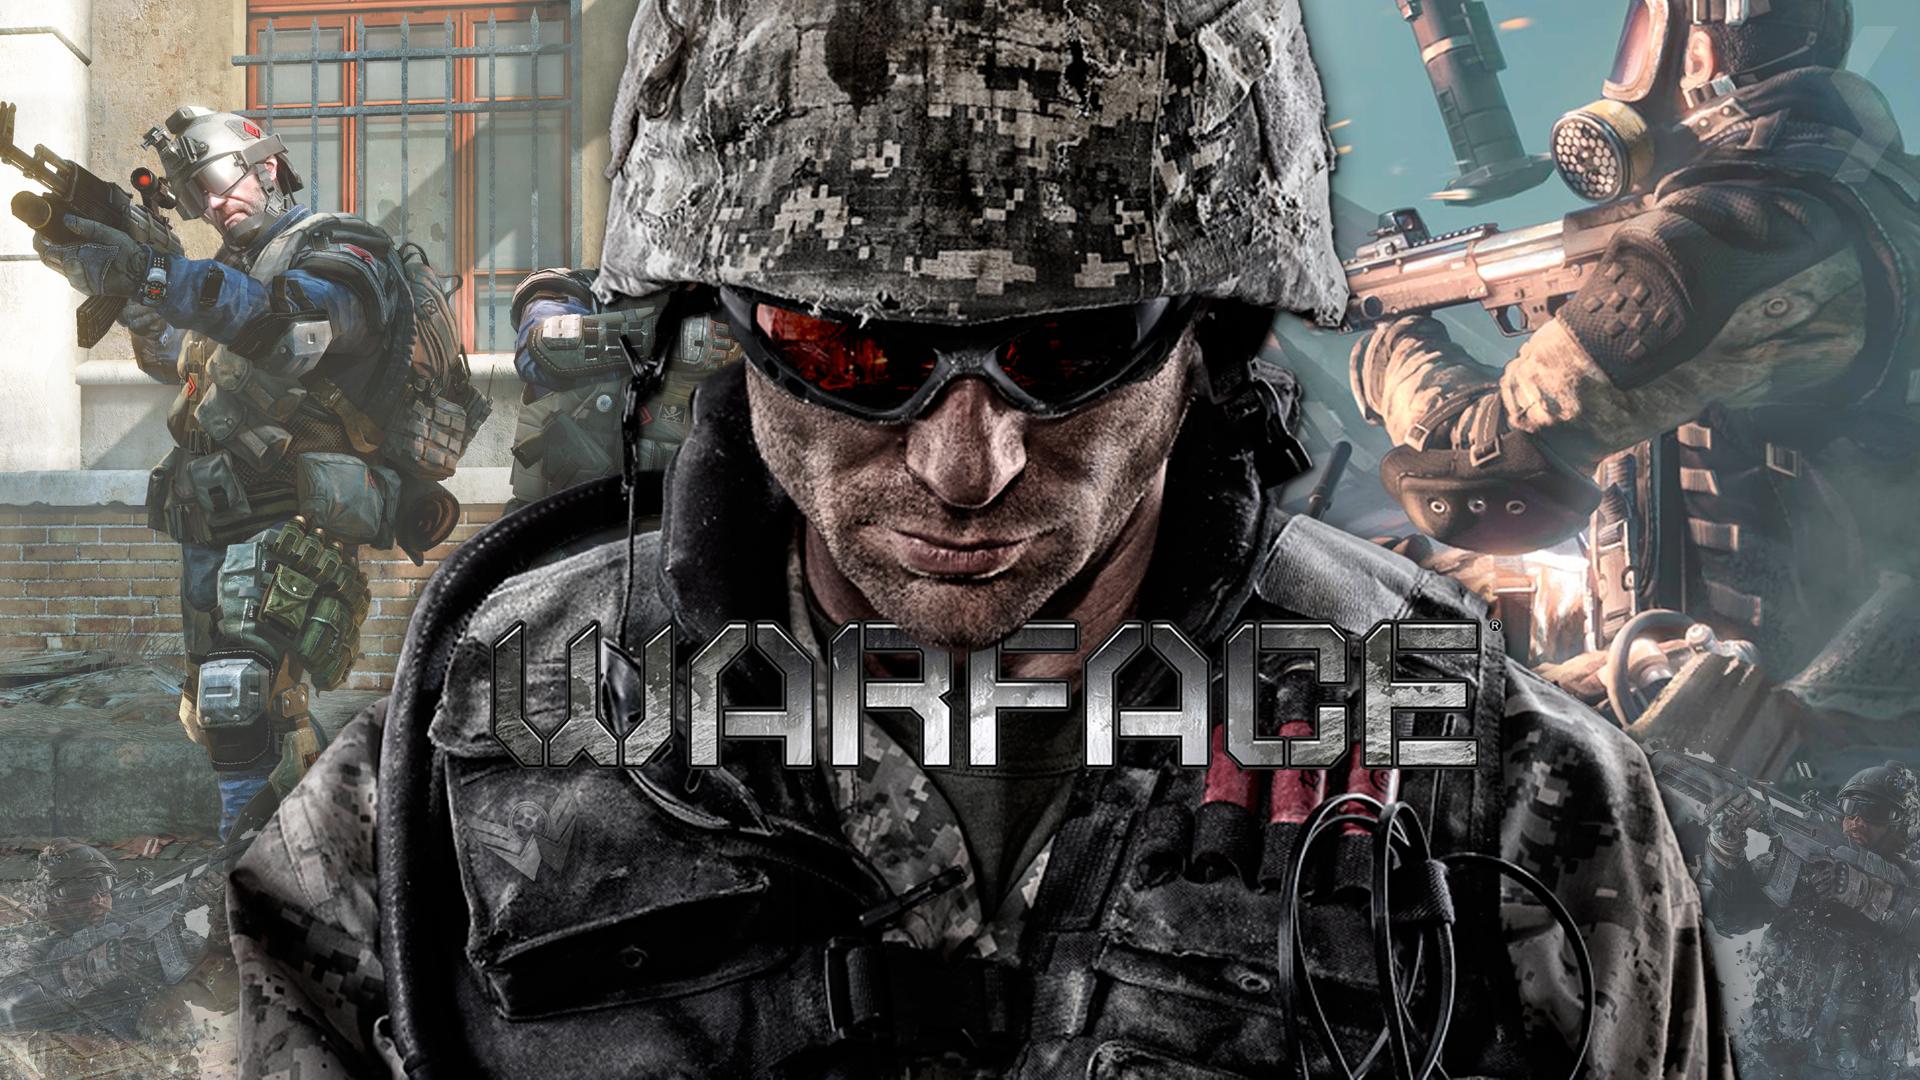 Học theo PUBG, Warface cho ra mắt chế độ bắn súng – sinh tồn Battle Royale